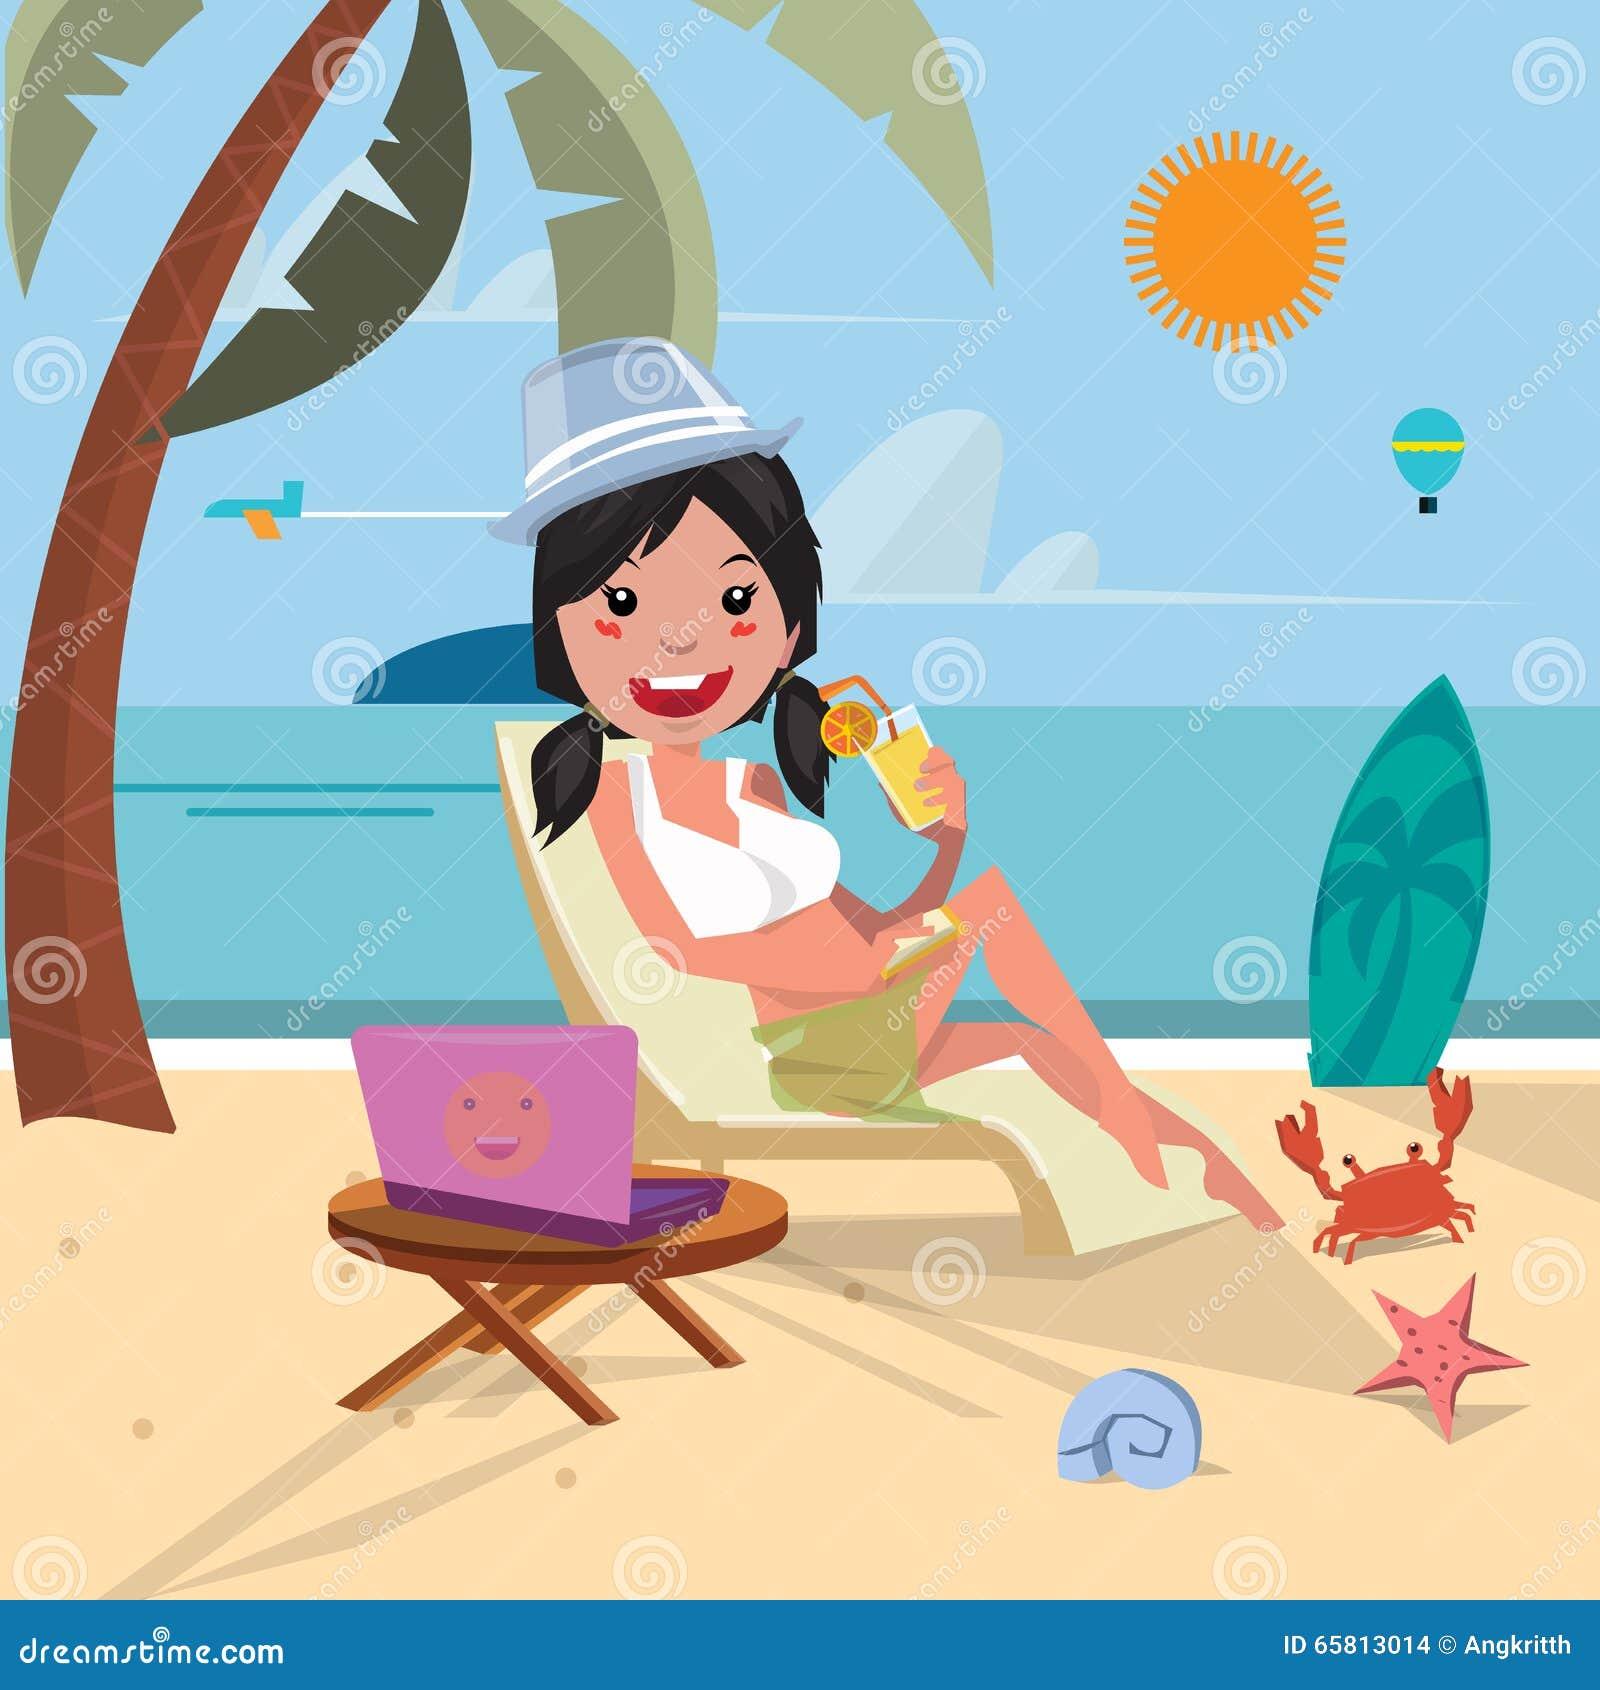 Работа для девушек острова катя белоконь фото